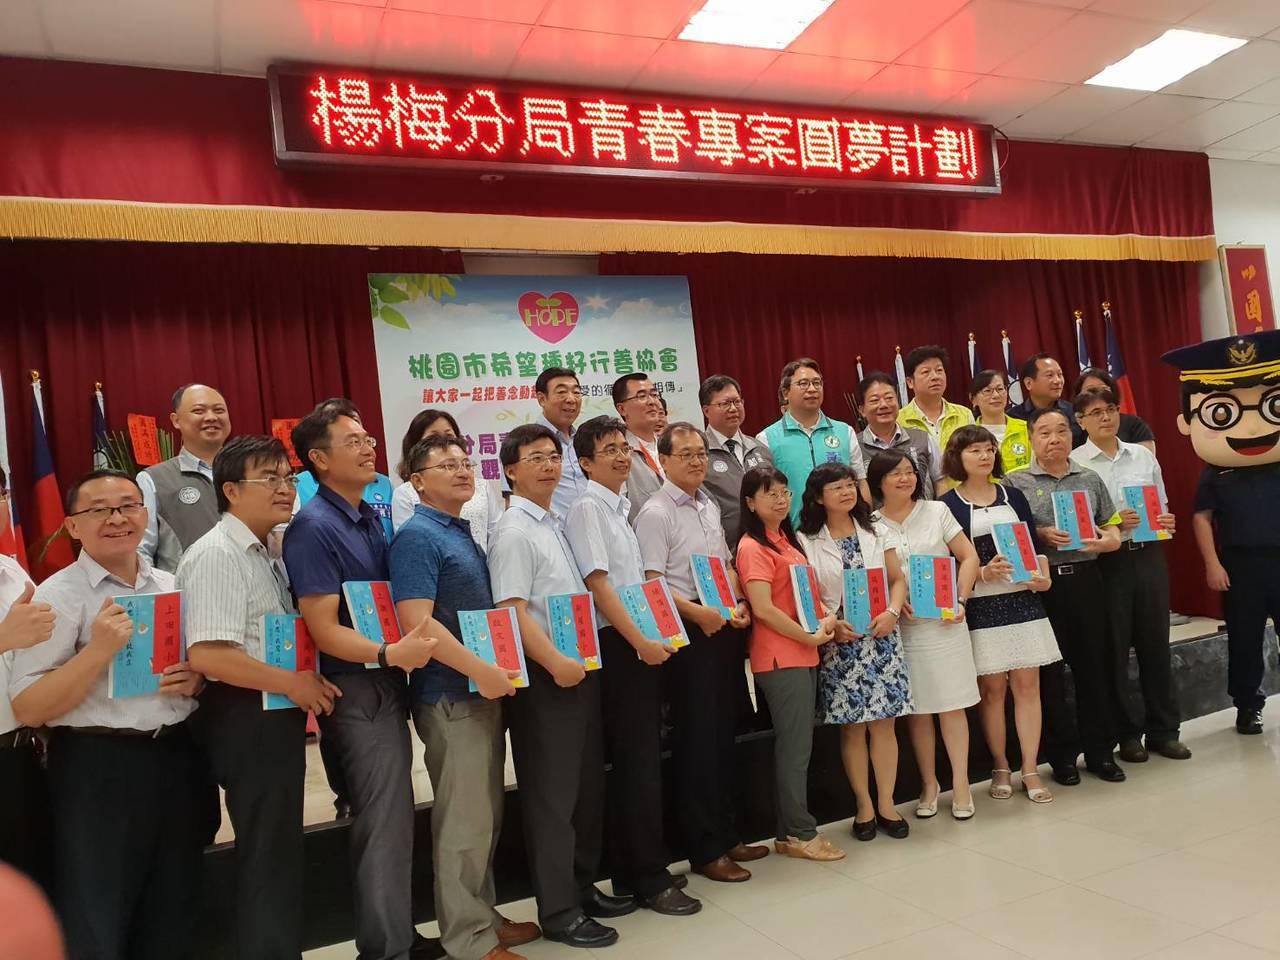 20校400位學生獲贈聯合報全國高、中、小學生作文比賽優等集成冊一書,各校長、主...